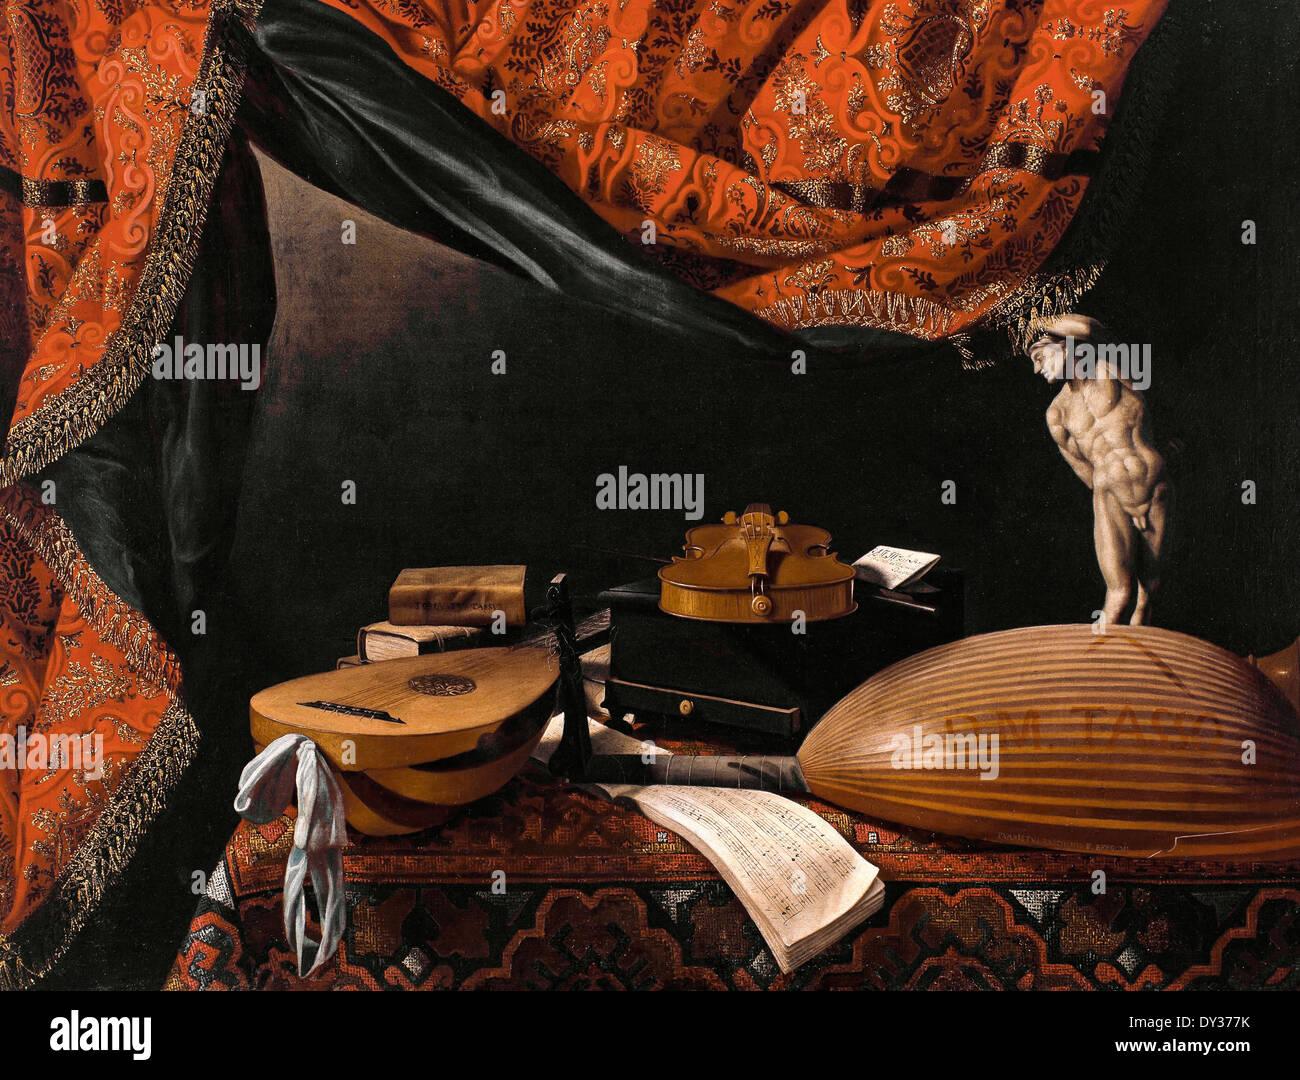 Evaristo Baschenis, bodegón con instrumentos musicales, libros y esculturas. Circa 1650. Óleo sobre lienzo. Imagen De Stock